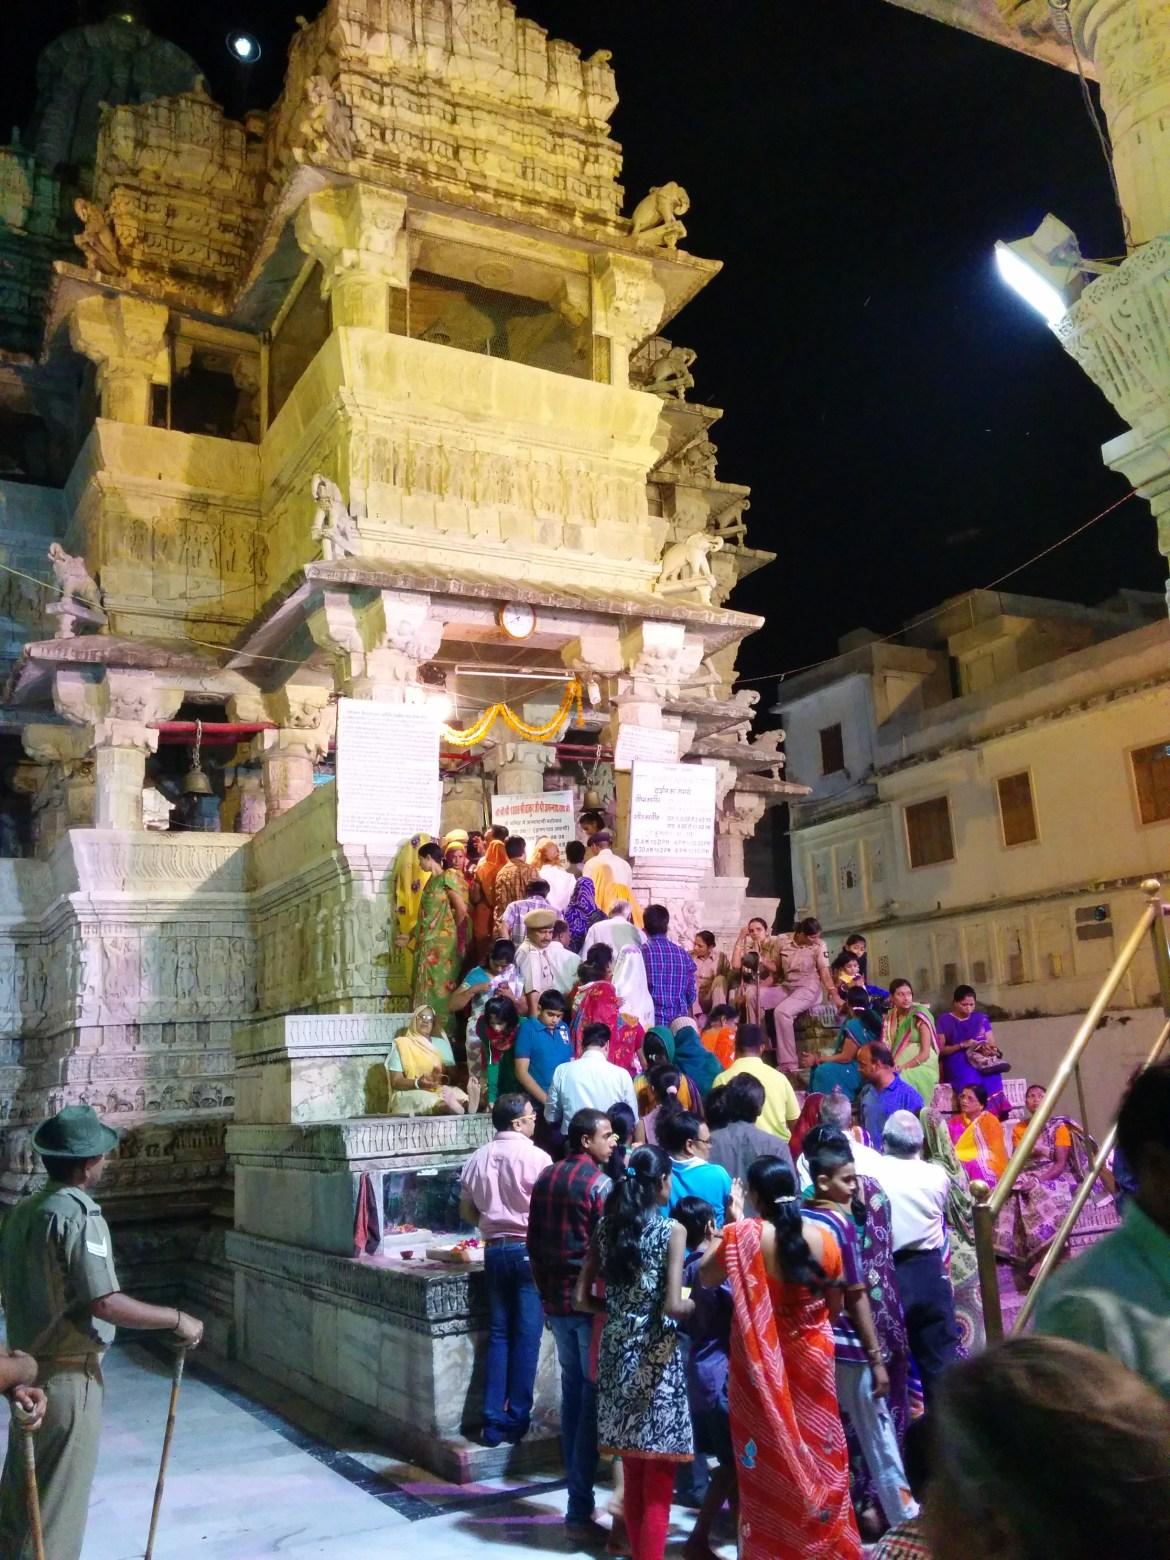 img 20140817 195605 - Radżastan - magia kolorów i zapachów Indii